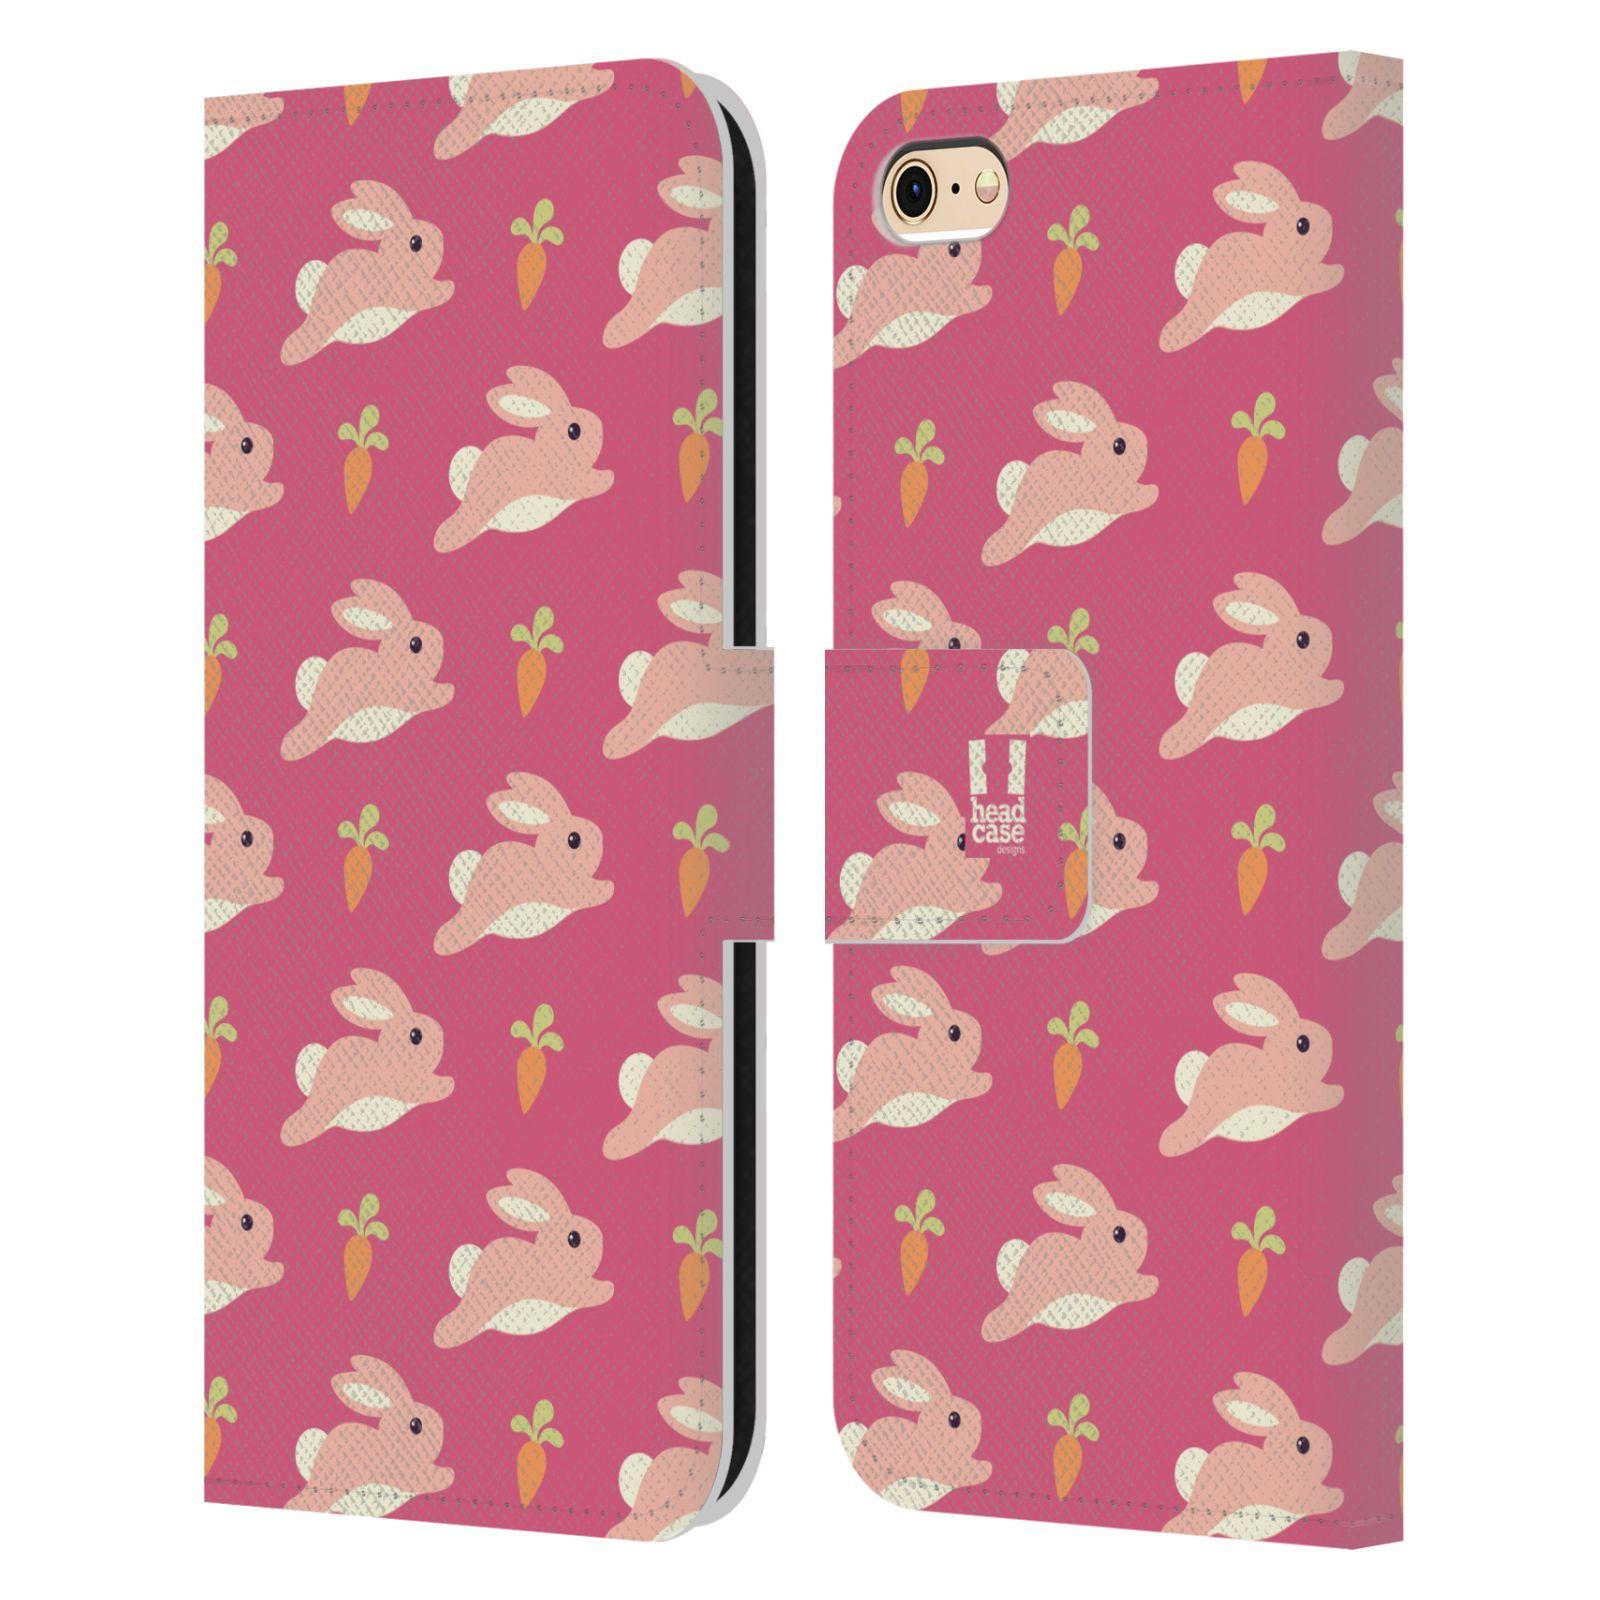 HEAD CASE Flipové pouzdro pro mobil Apple Iphone 6/6s barevný zvířecí vzor zajíček růžová